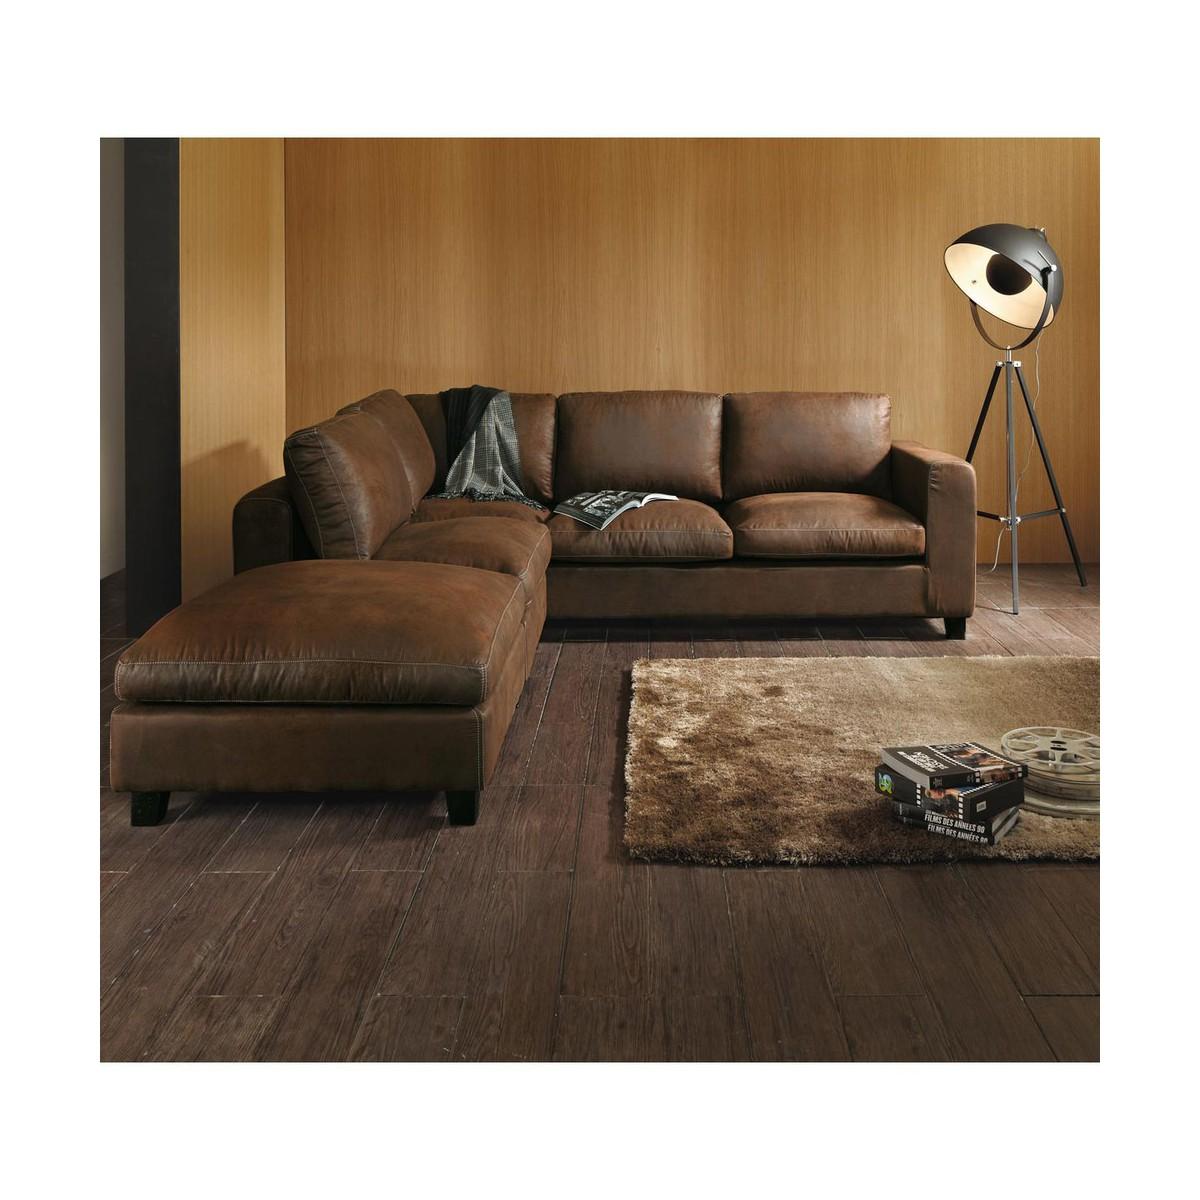 canape suedine marron – idées d'images à la maison